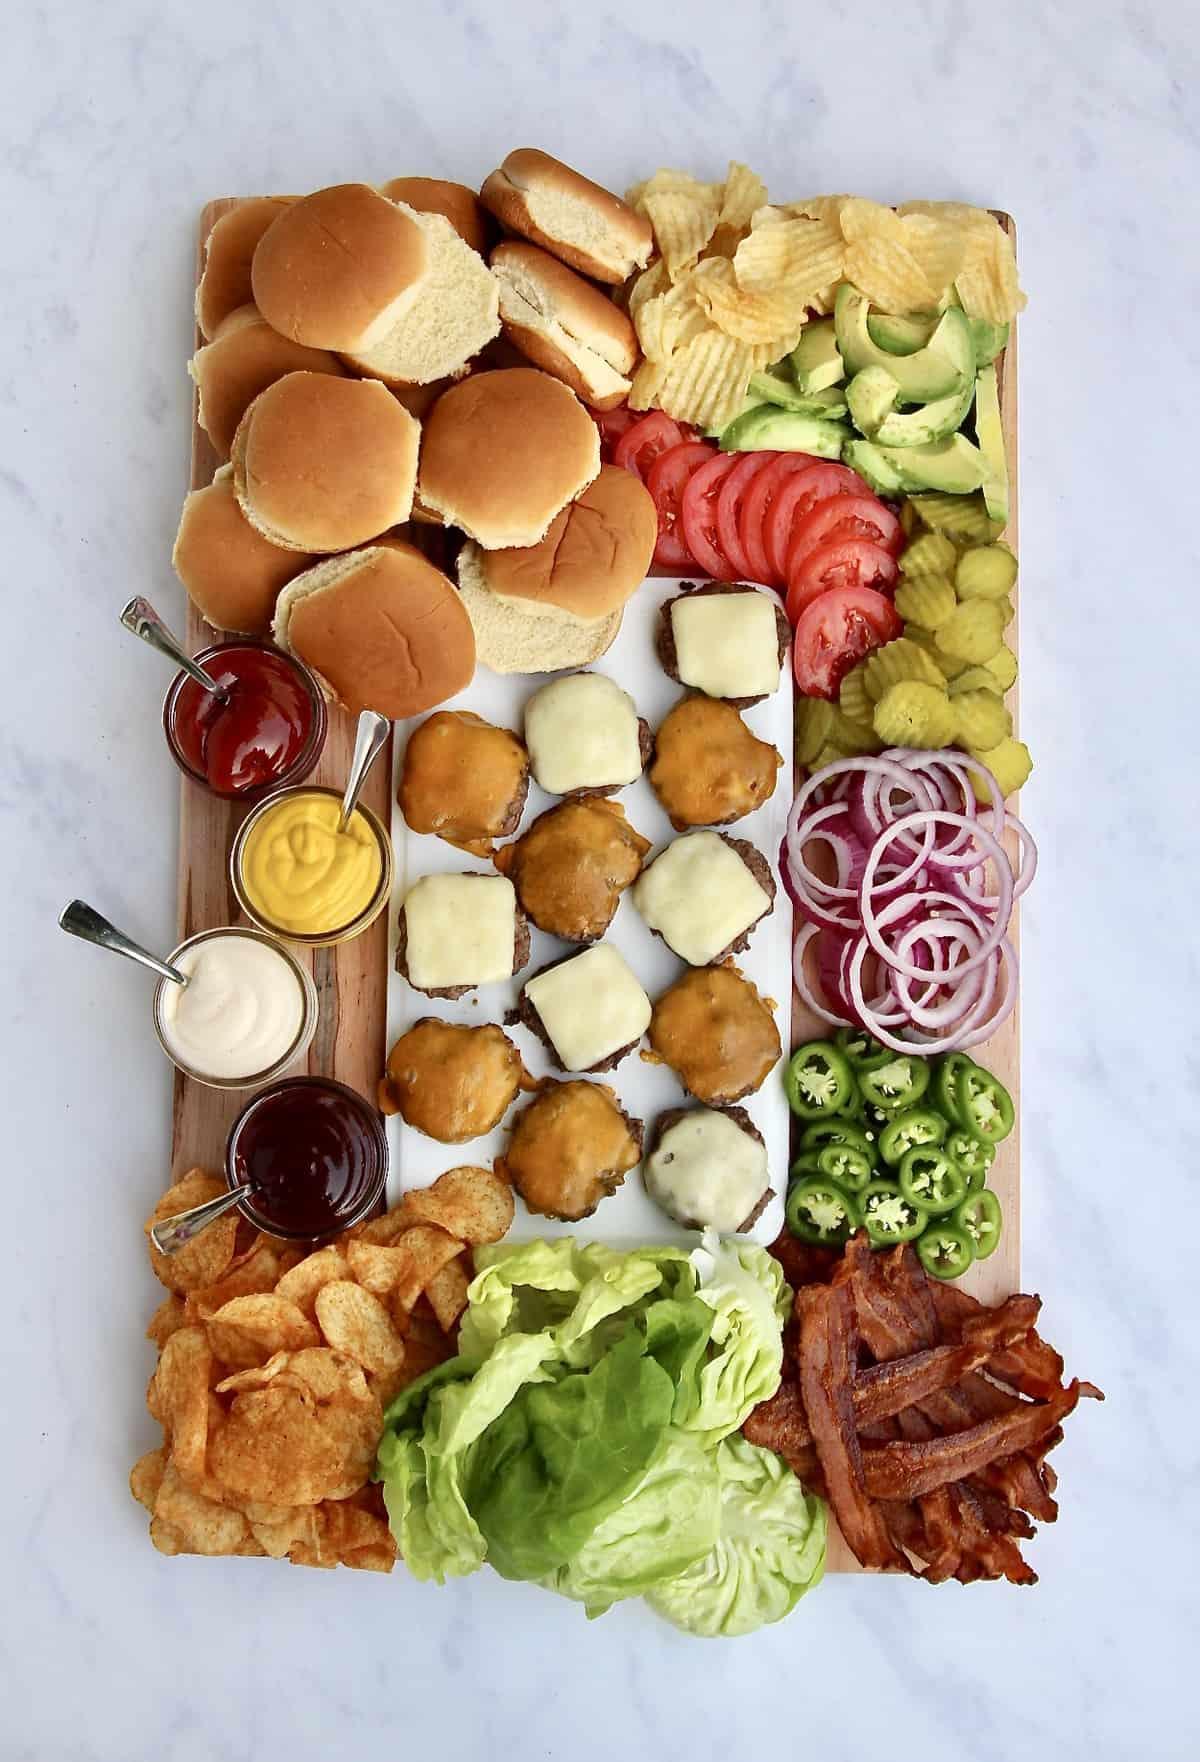 Burger Board by The BakerMama